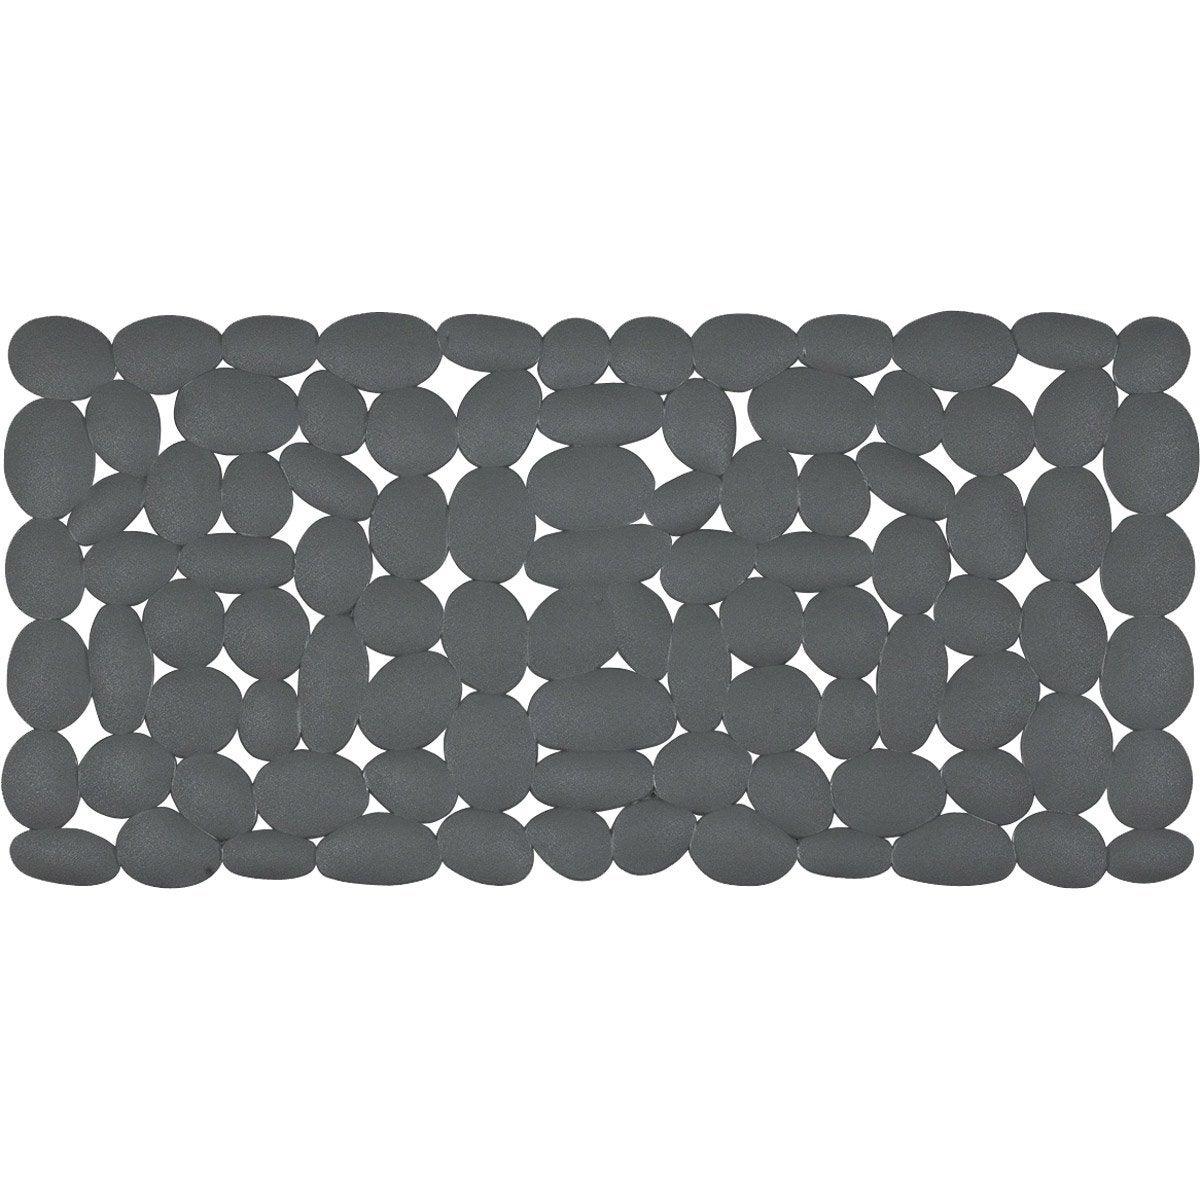 tapis antidrapant gris pour baignoire marathon leroy merlin - Tapis De Bain Antiderapant